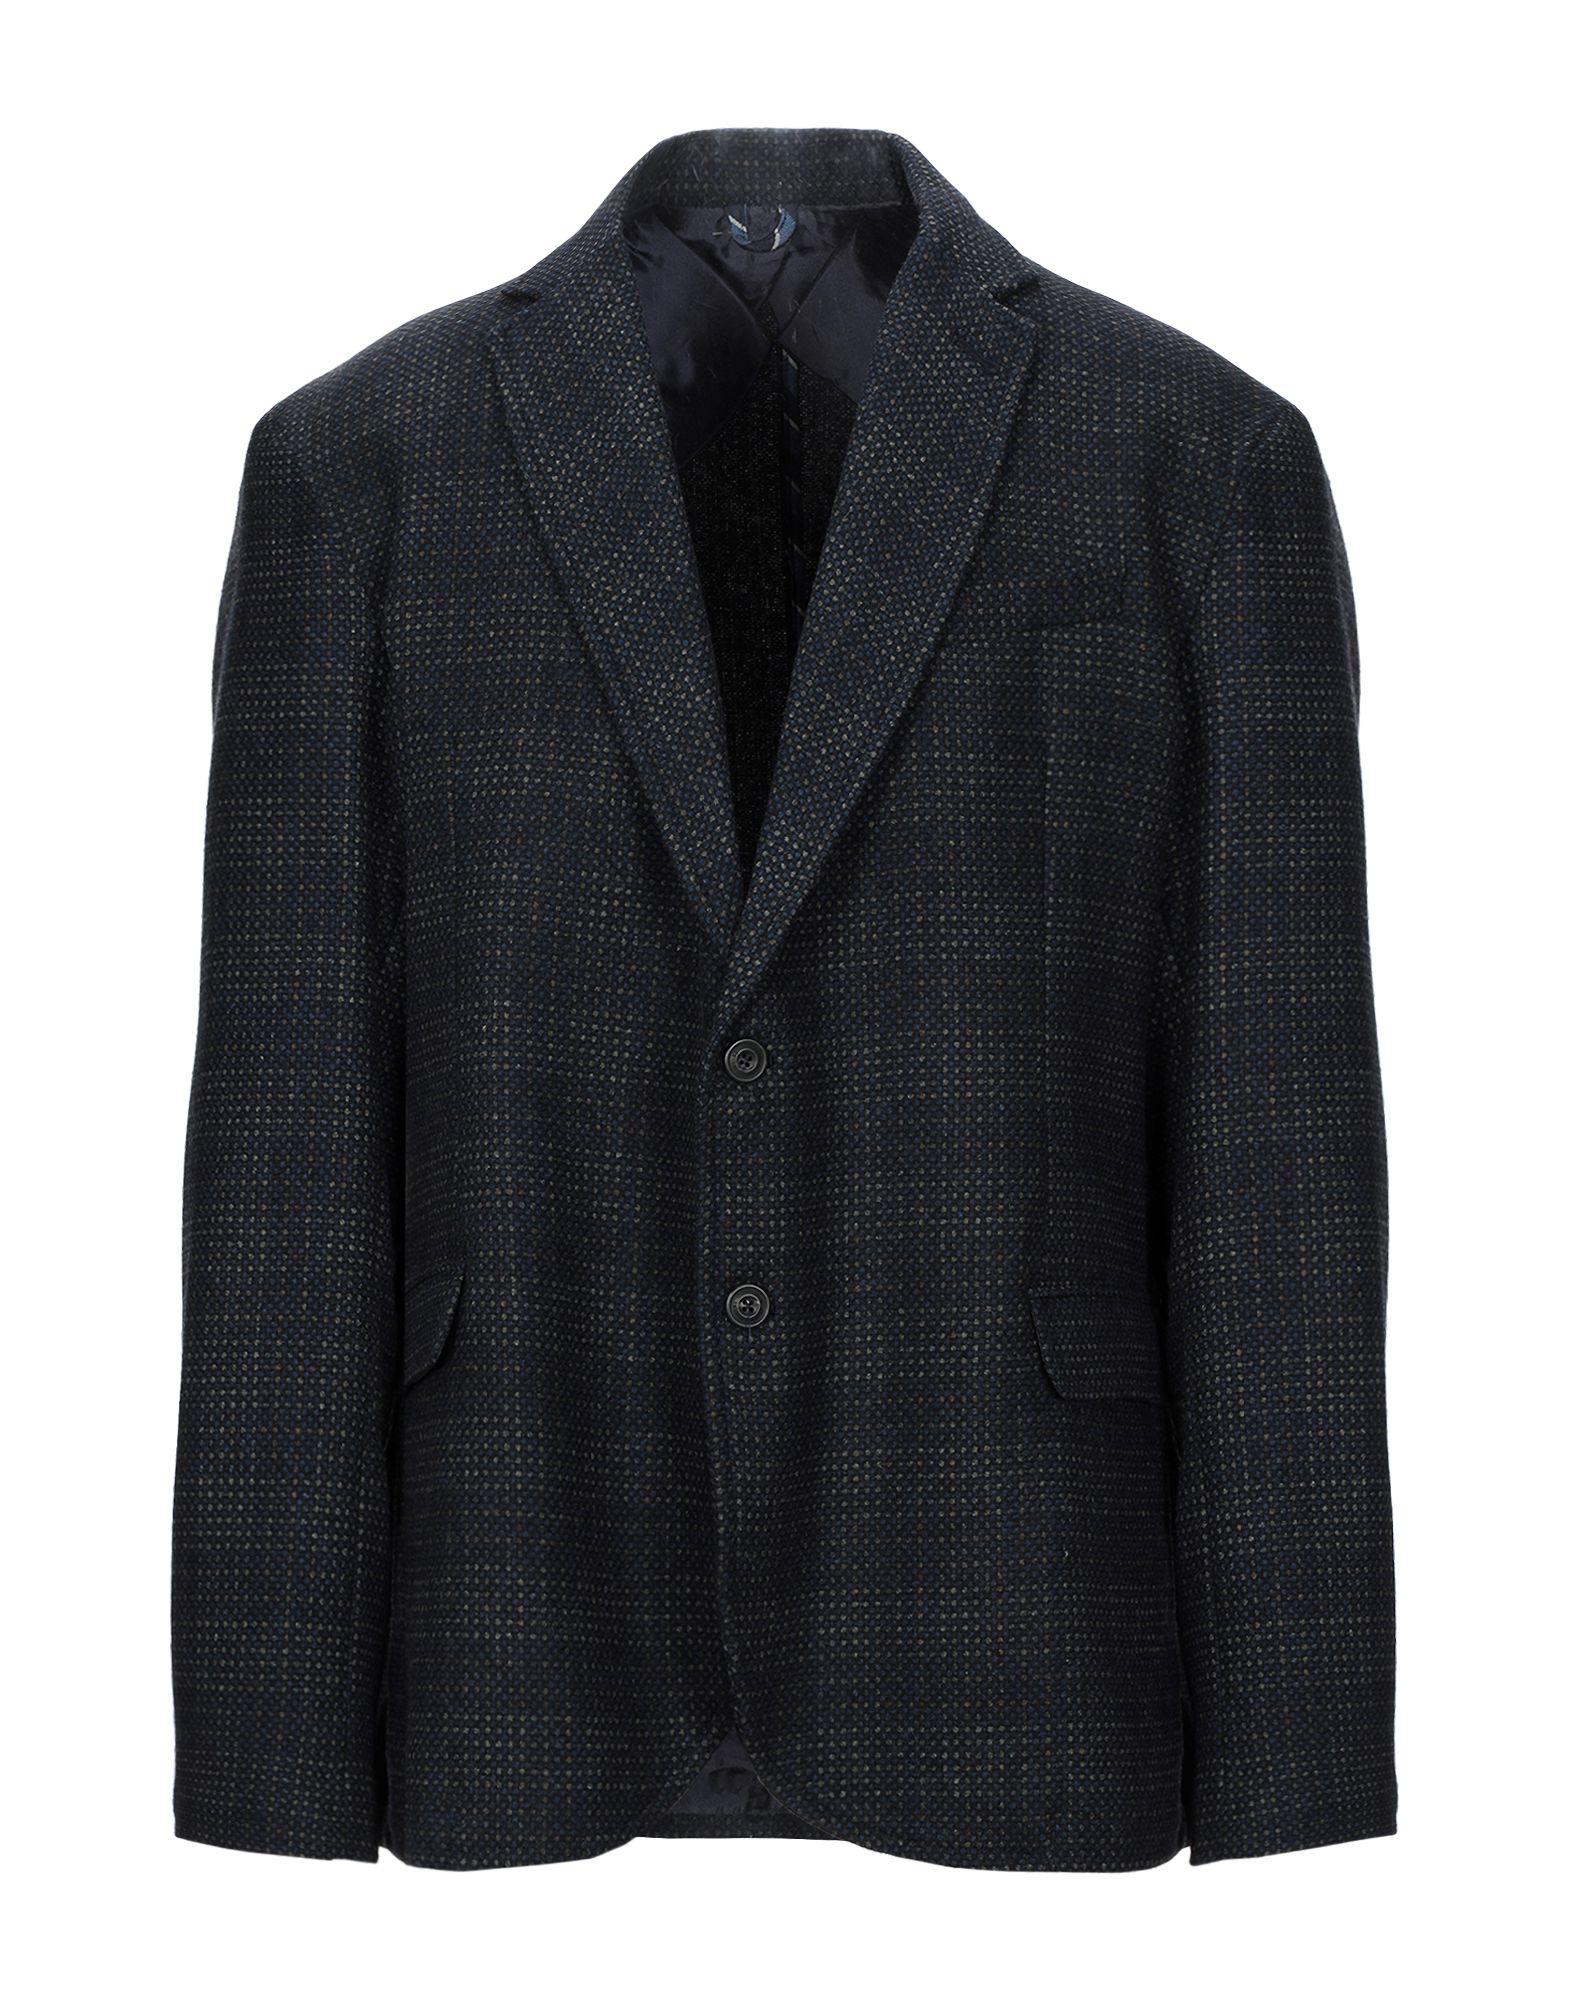 《セール開催中》TRUSSARDI JEANS メンズ テーラードジャケット ダークブルー 56 ウール 55% / ポリエステル 35% / ナイロン 10%